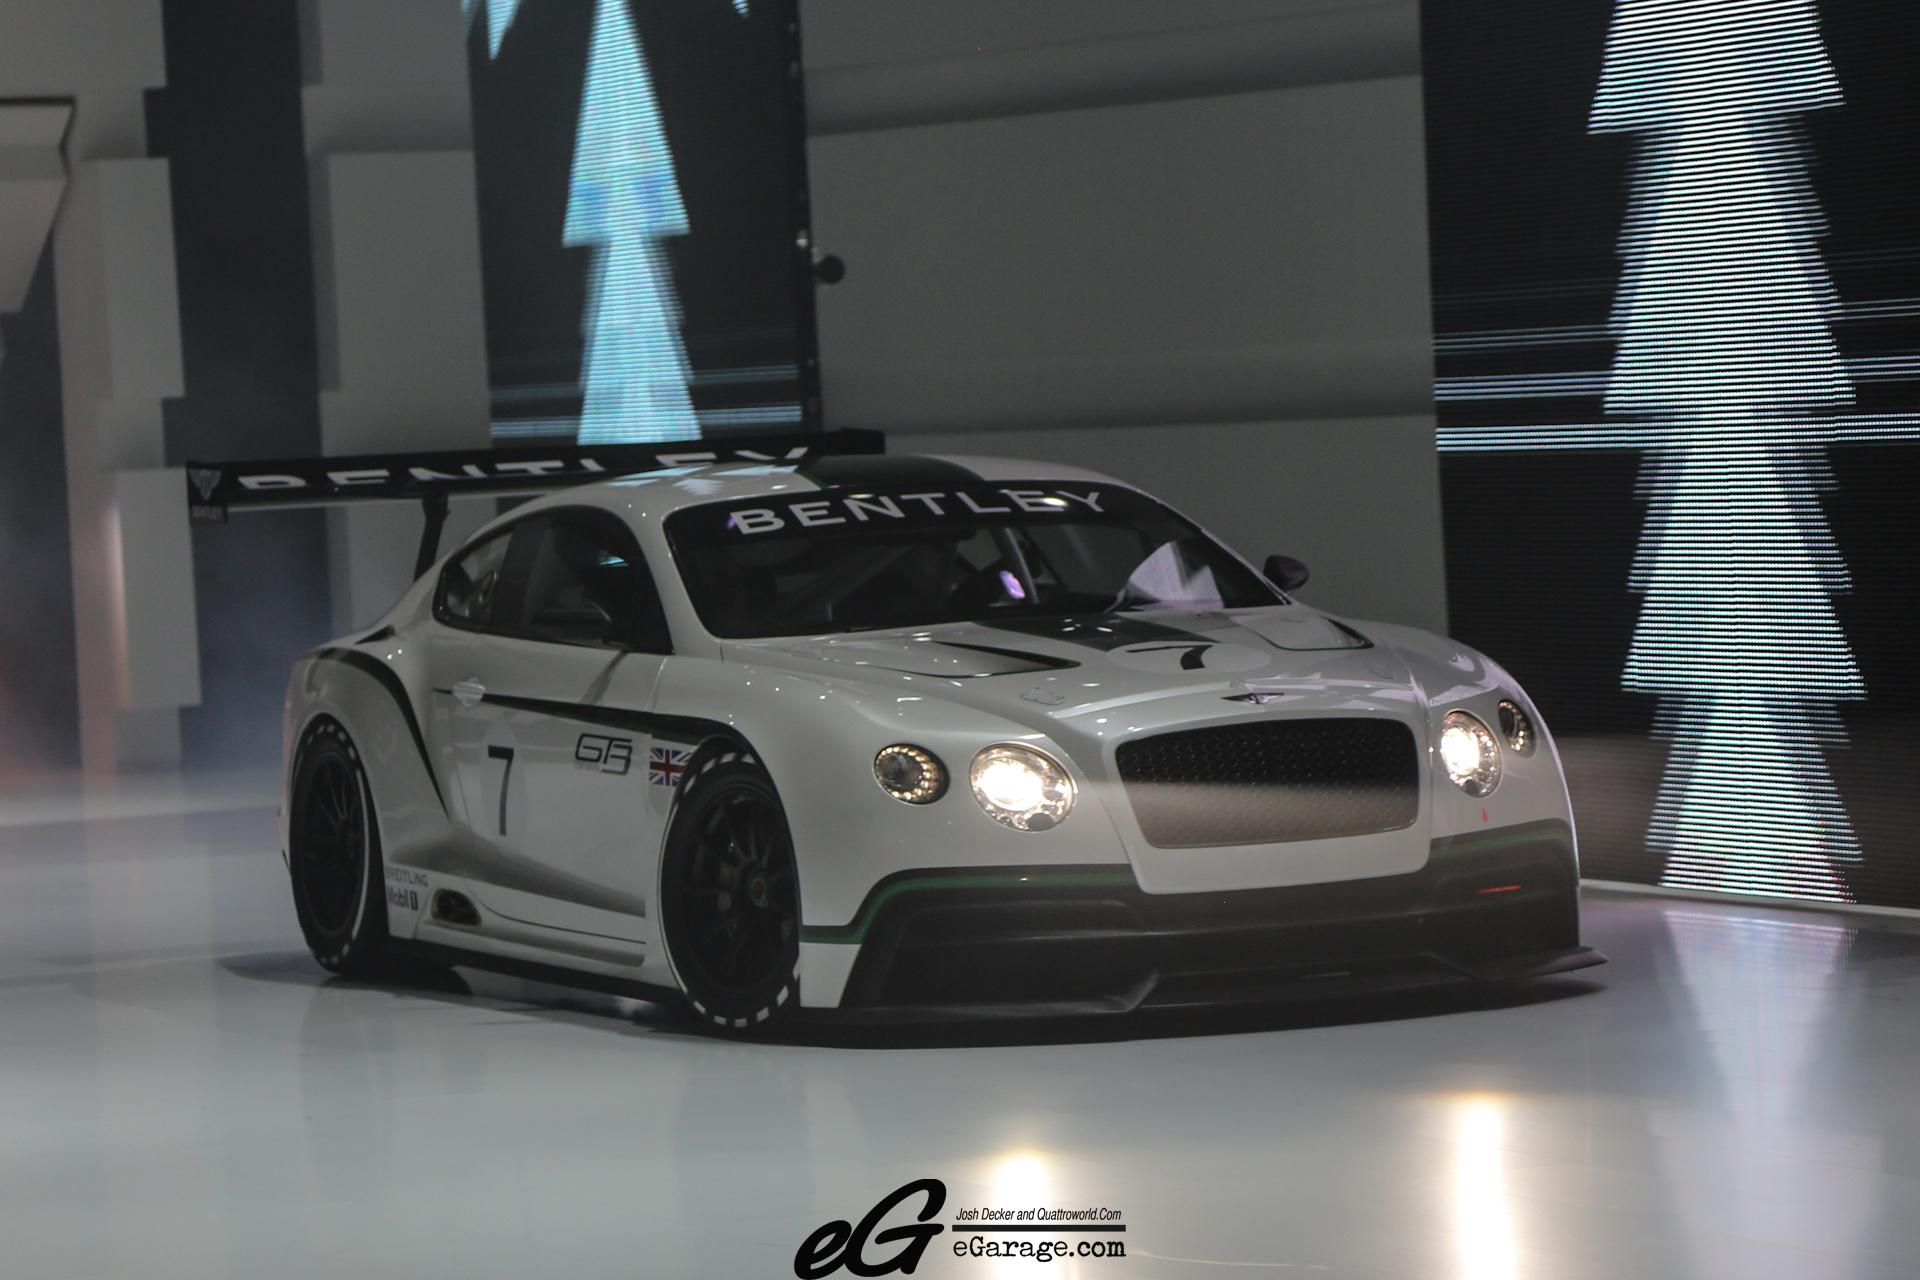 8030385949 3a90dca1bd o 2012 Paris Motor Show